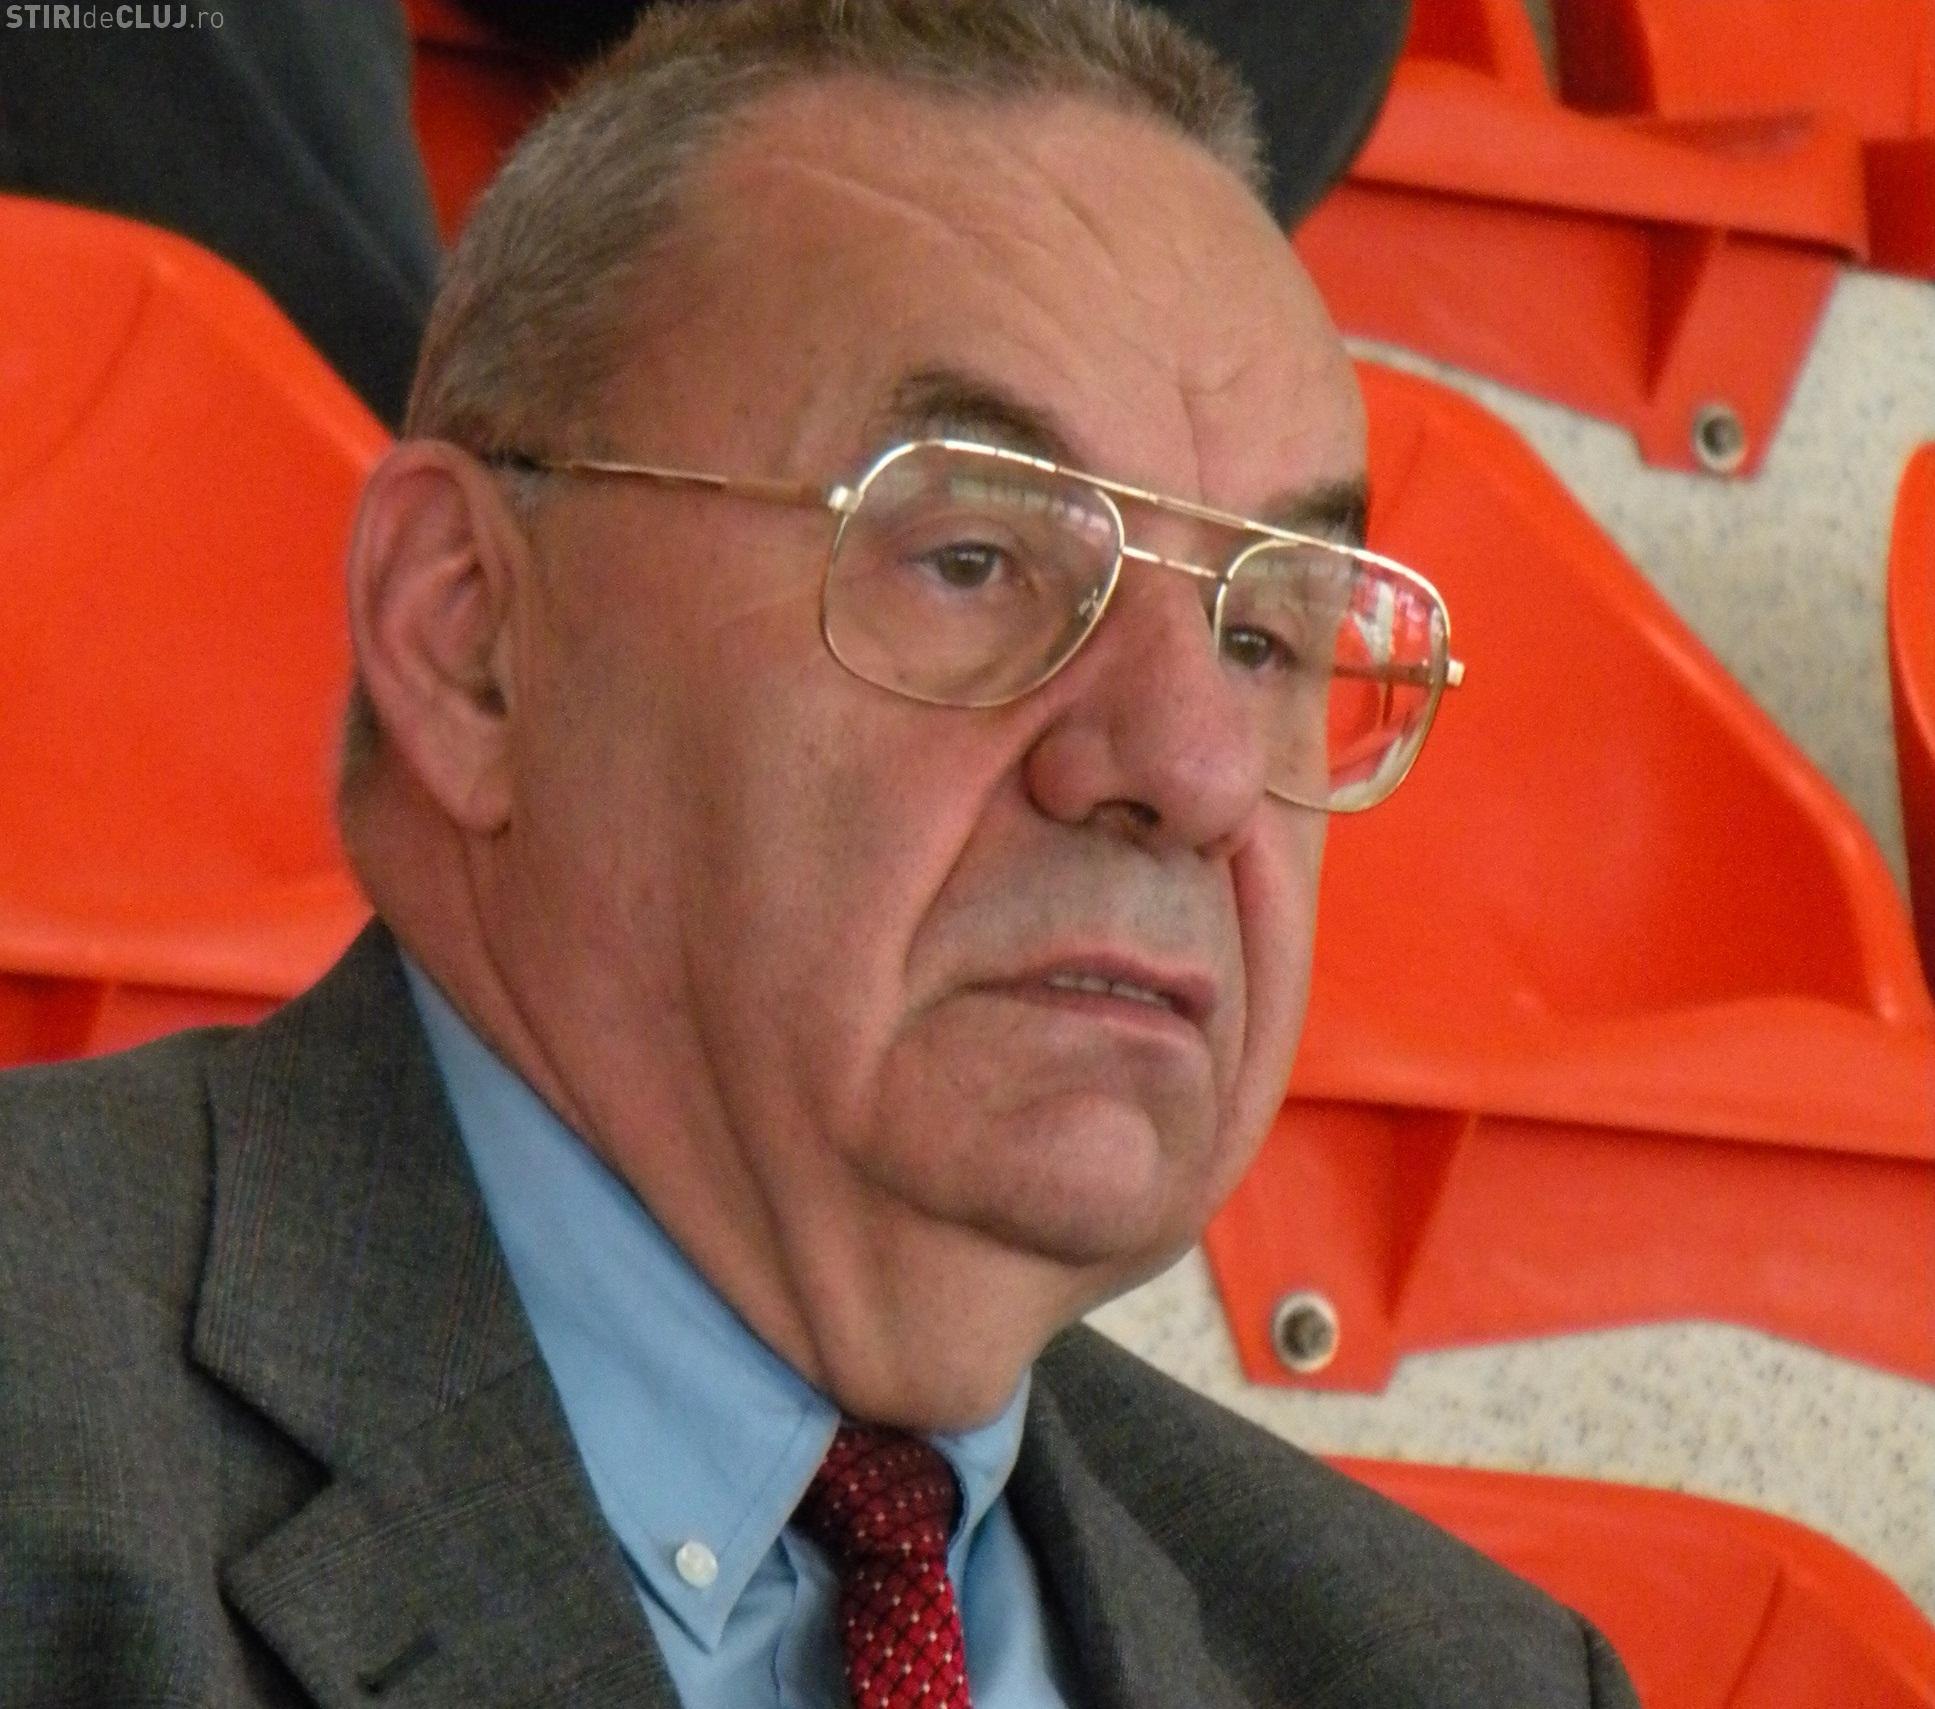 Documentul care atestă că Andrei Marga a fost informator a Securității